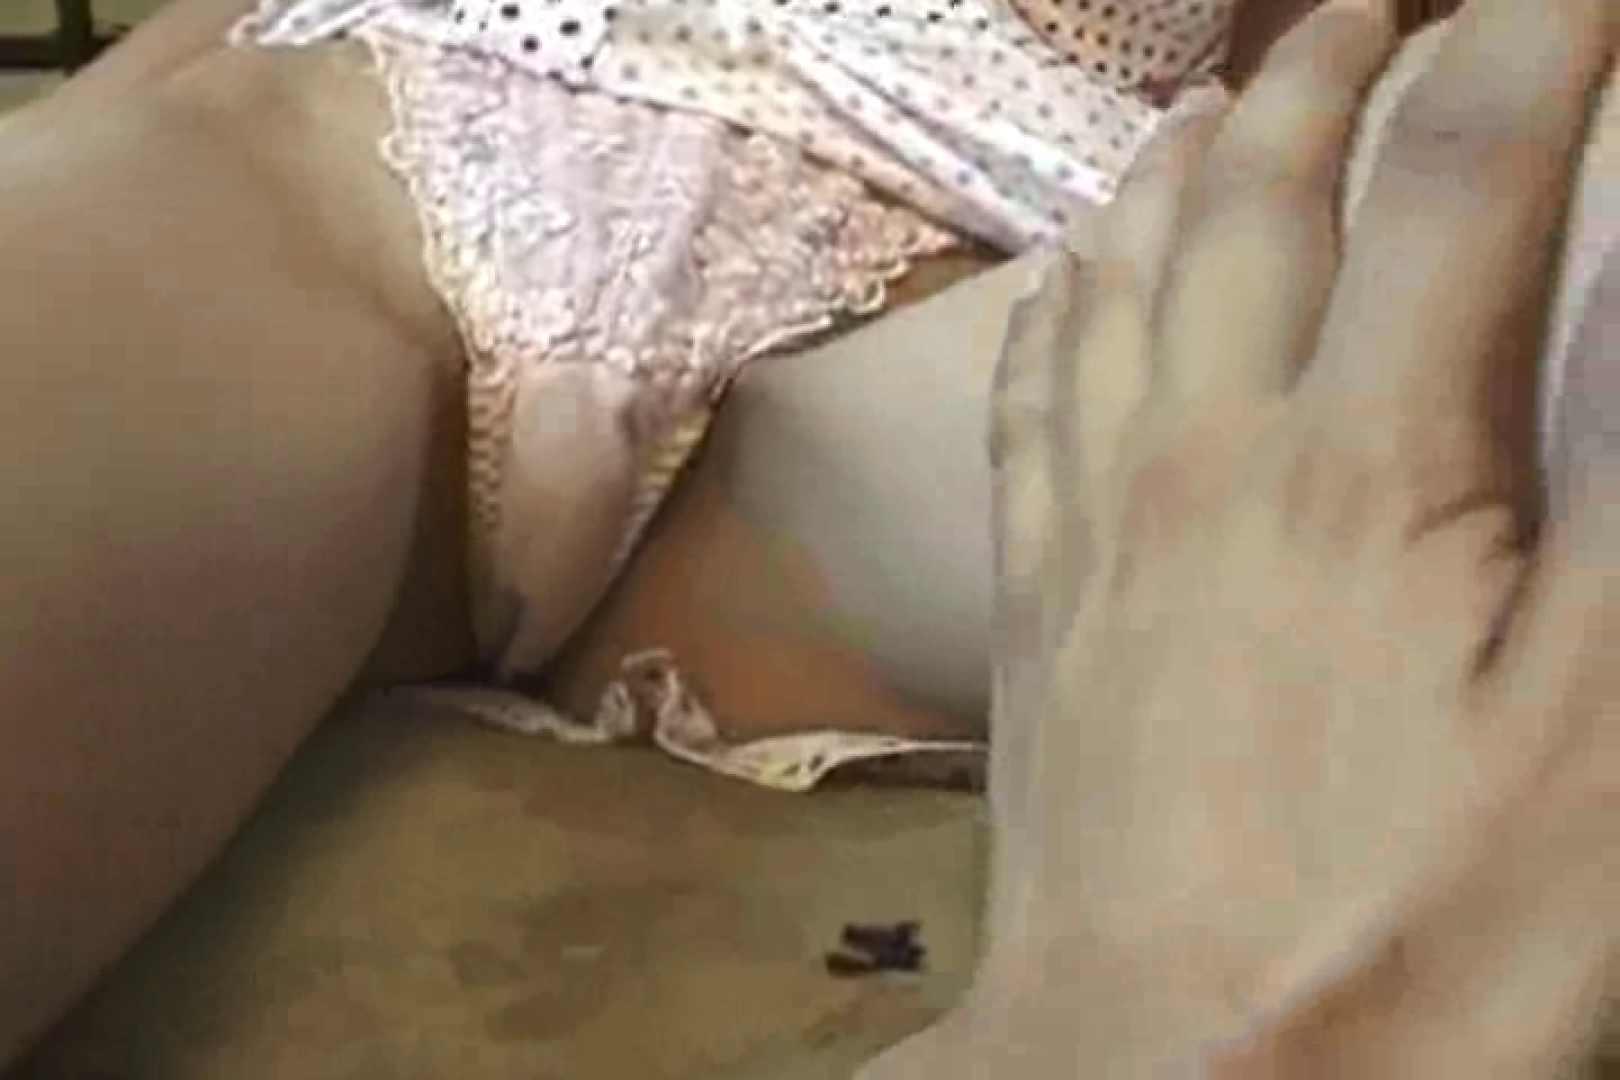 仁義なきキンタマ 伊藤孝一のアルバム 流出作品 | カップル  78枚 55